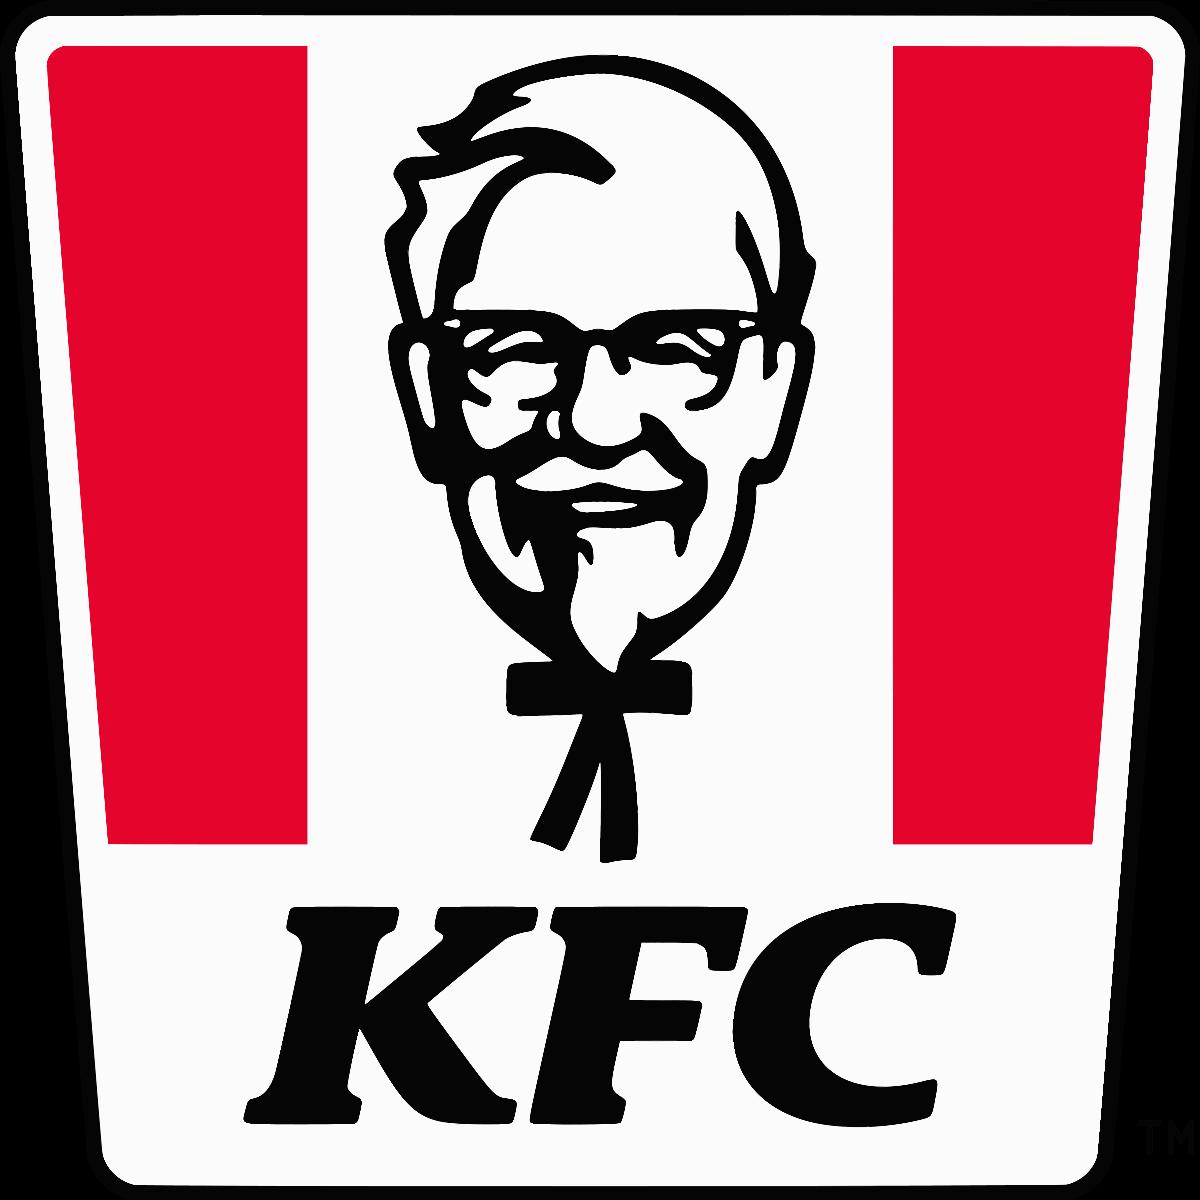 KFC 1195 E. Oakton St.